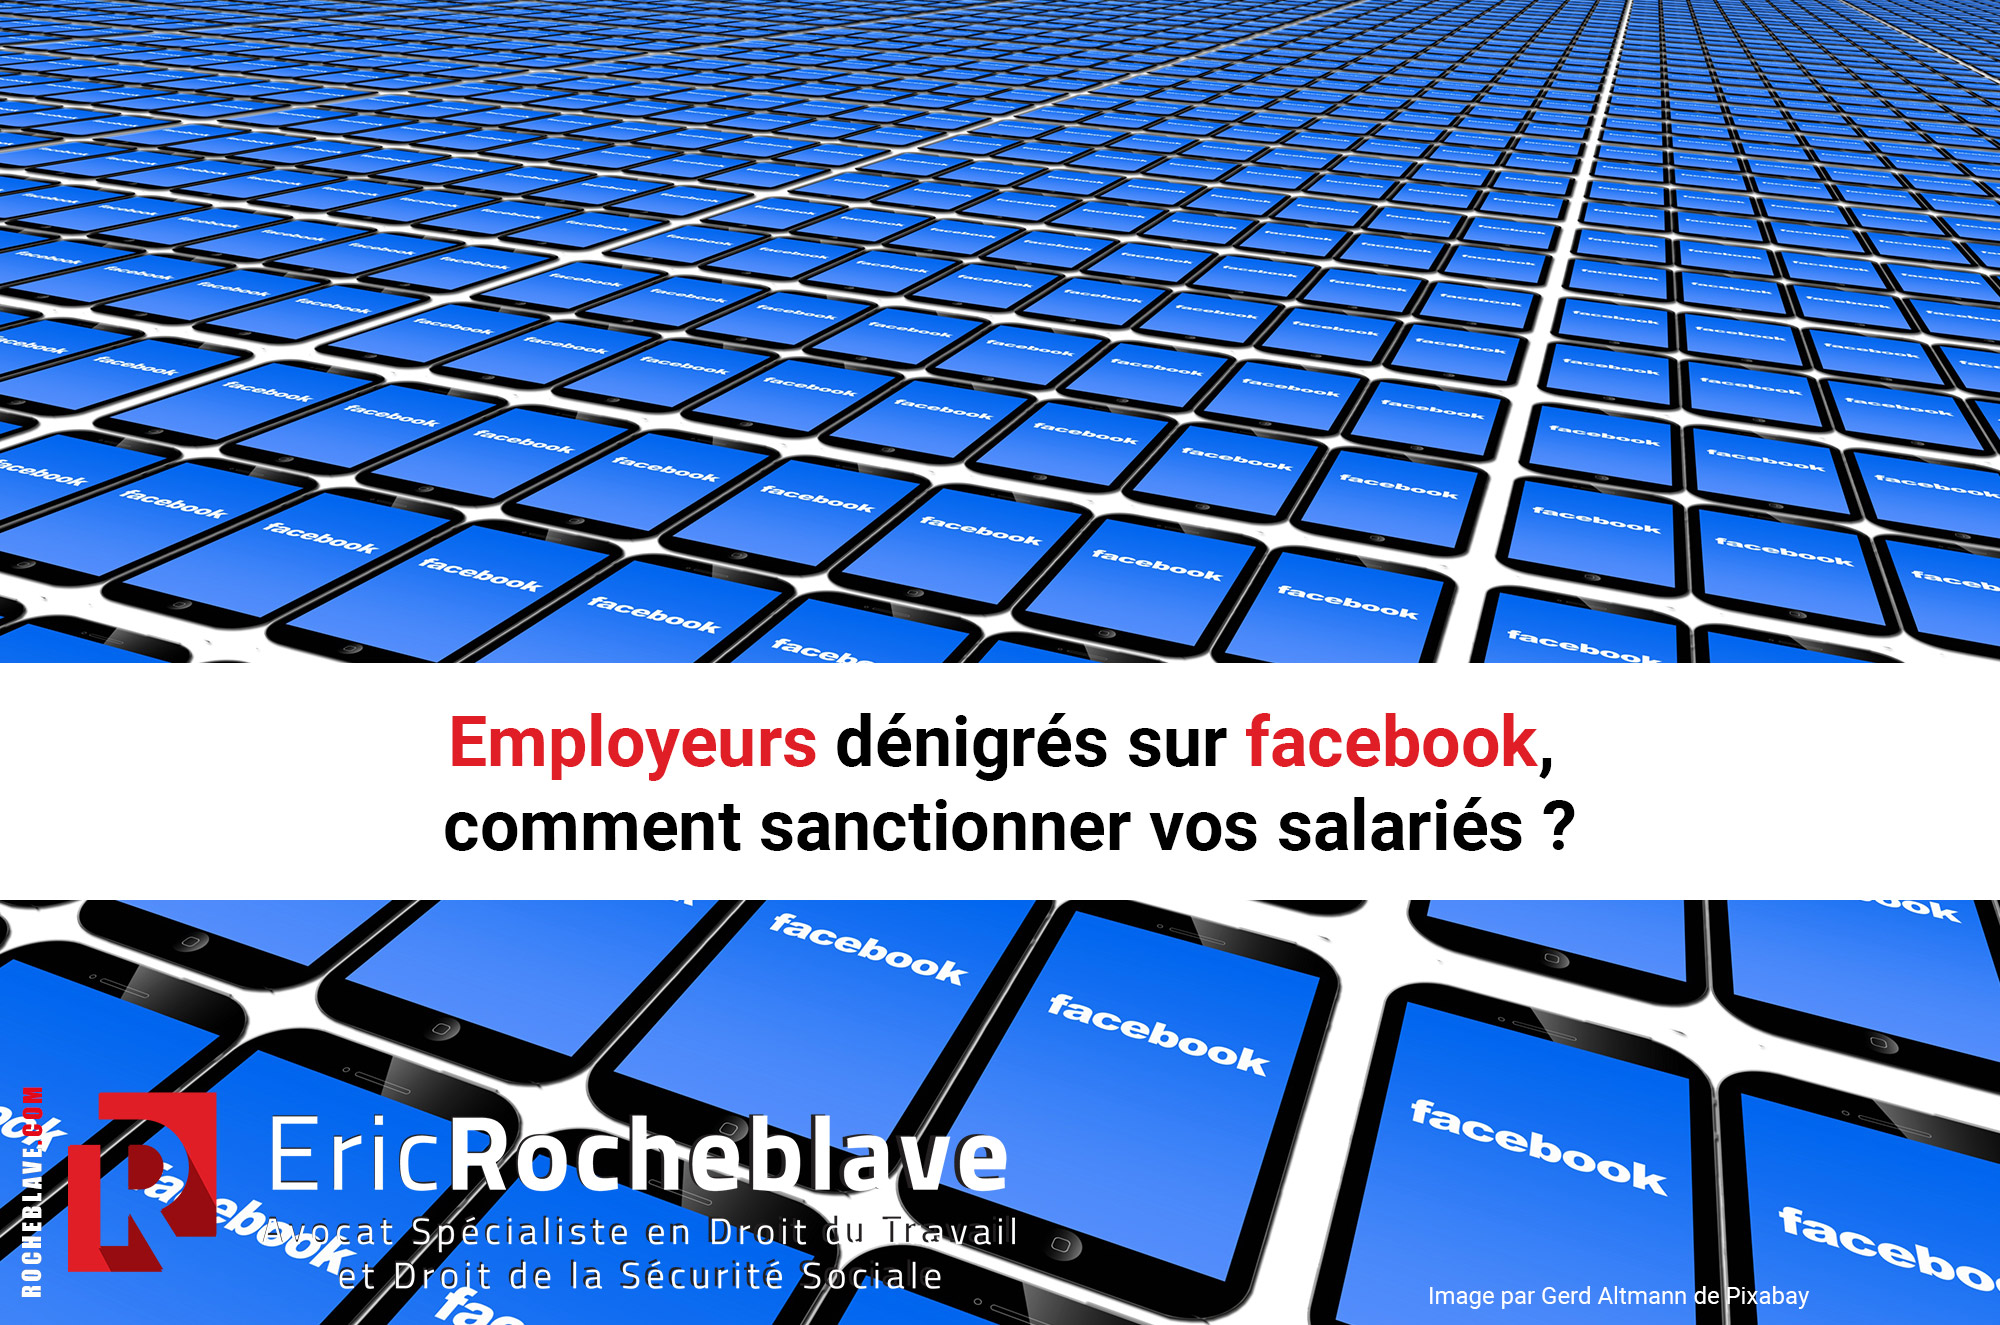 Employeurs dénigrés sur facebook, comment sanctionner vos salariés ?